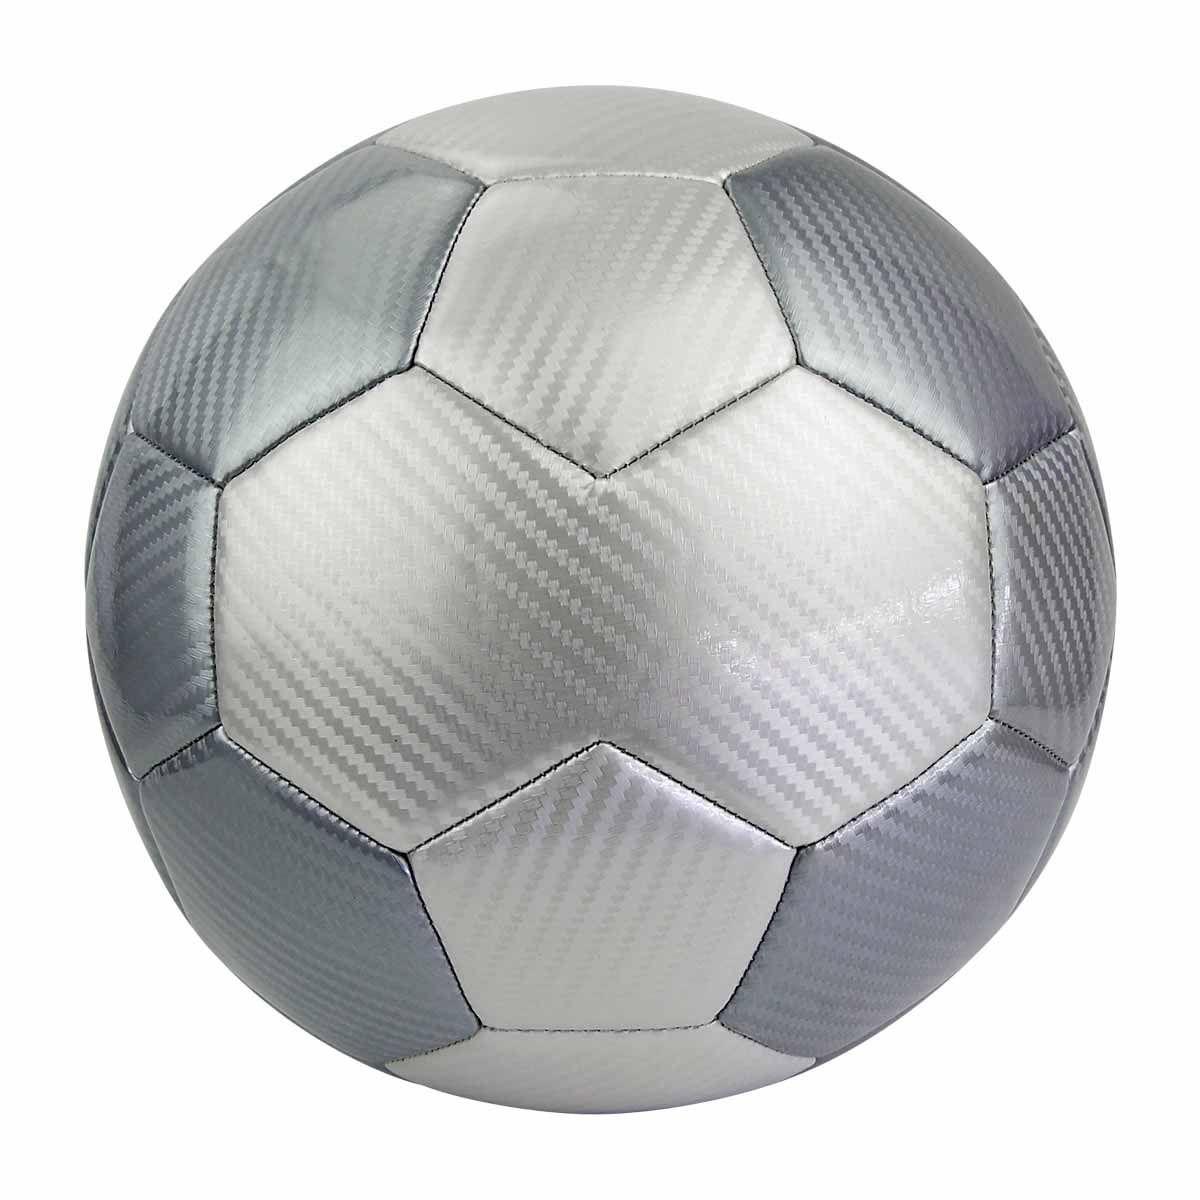 Balon de futbol AP-005